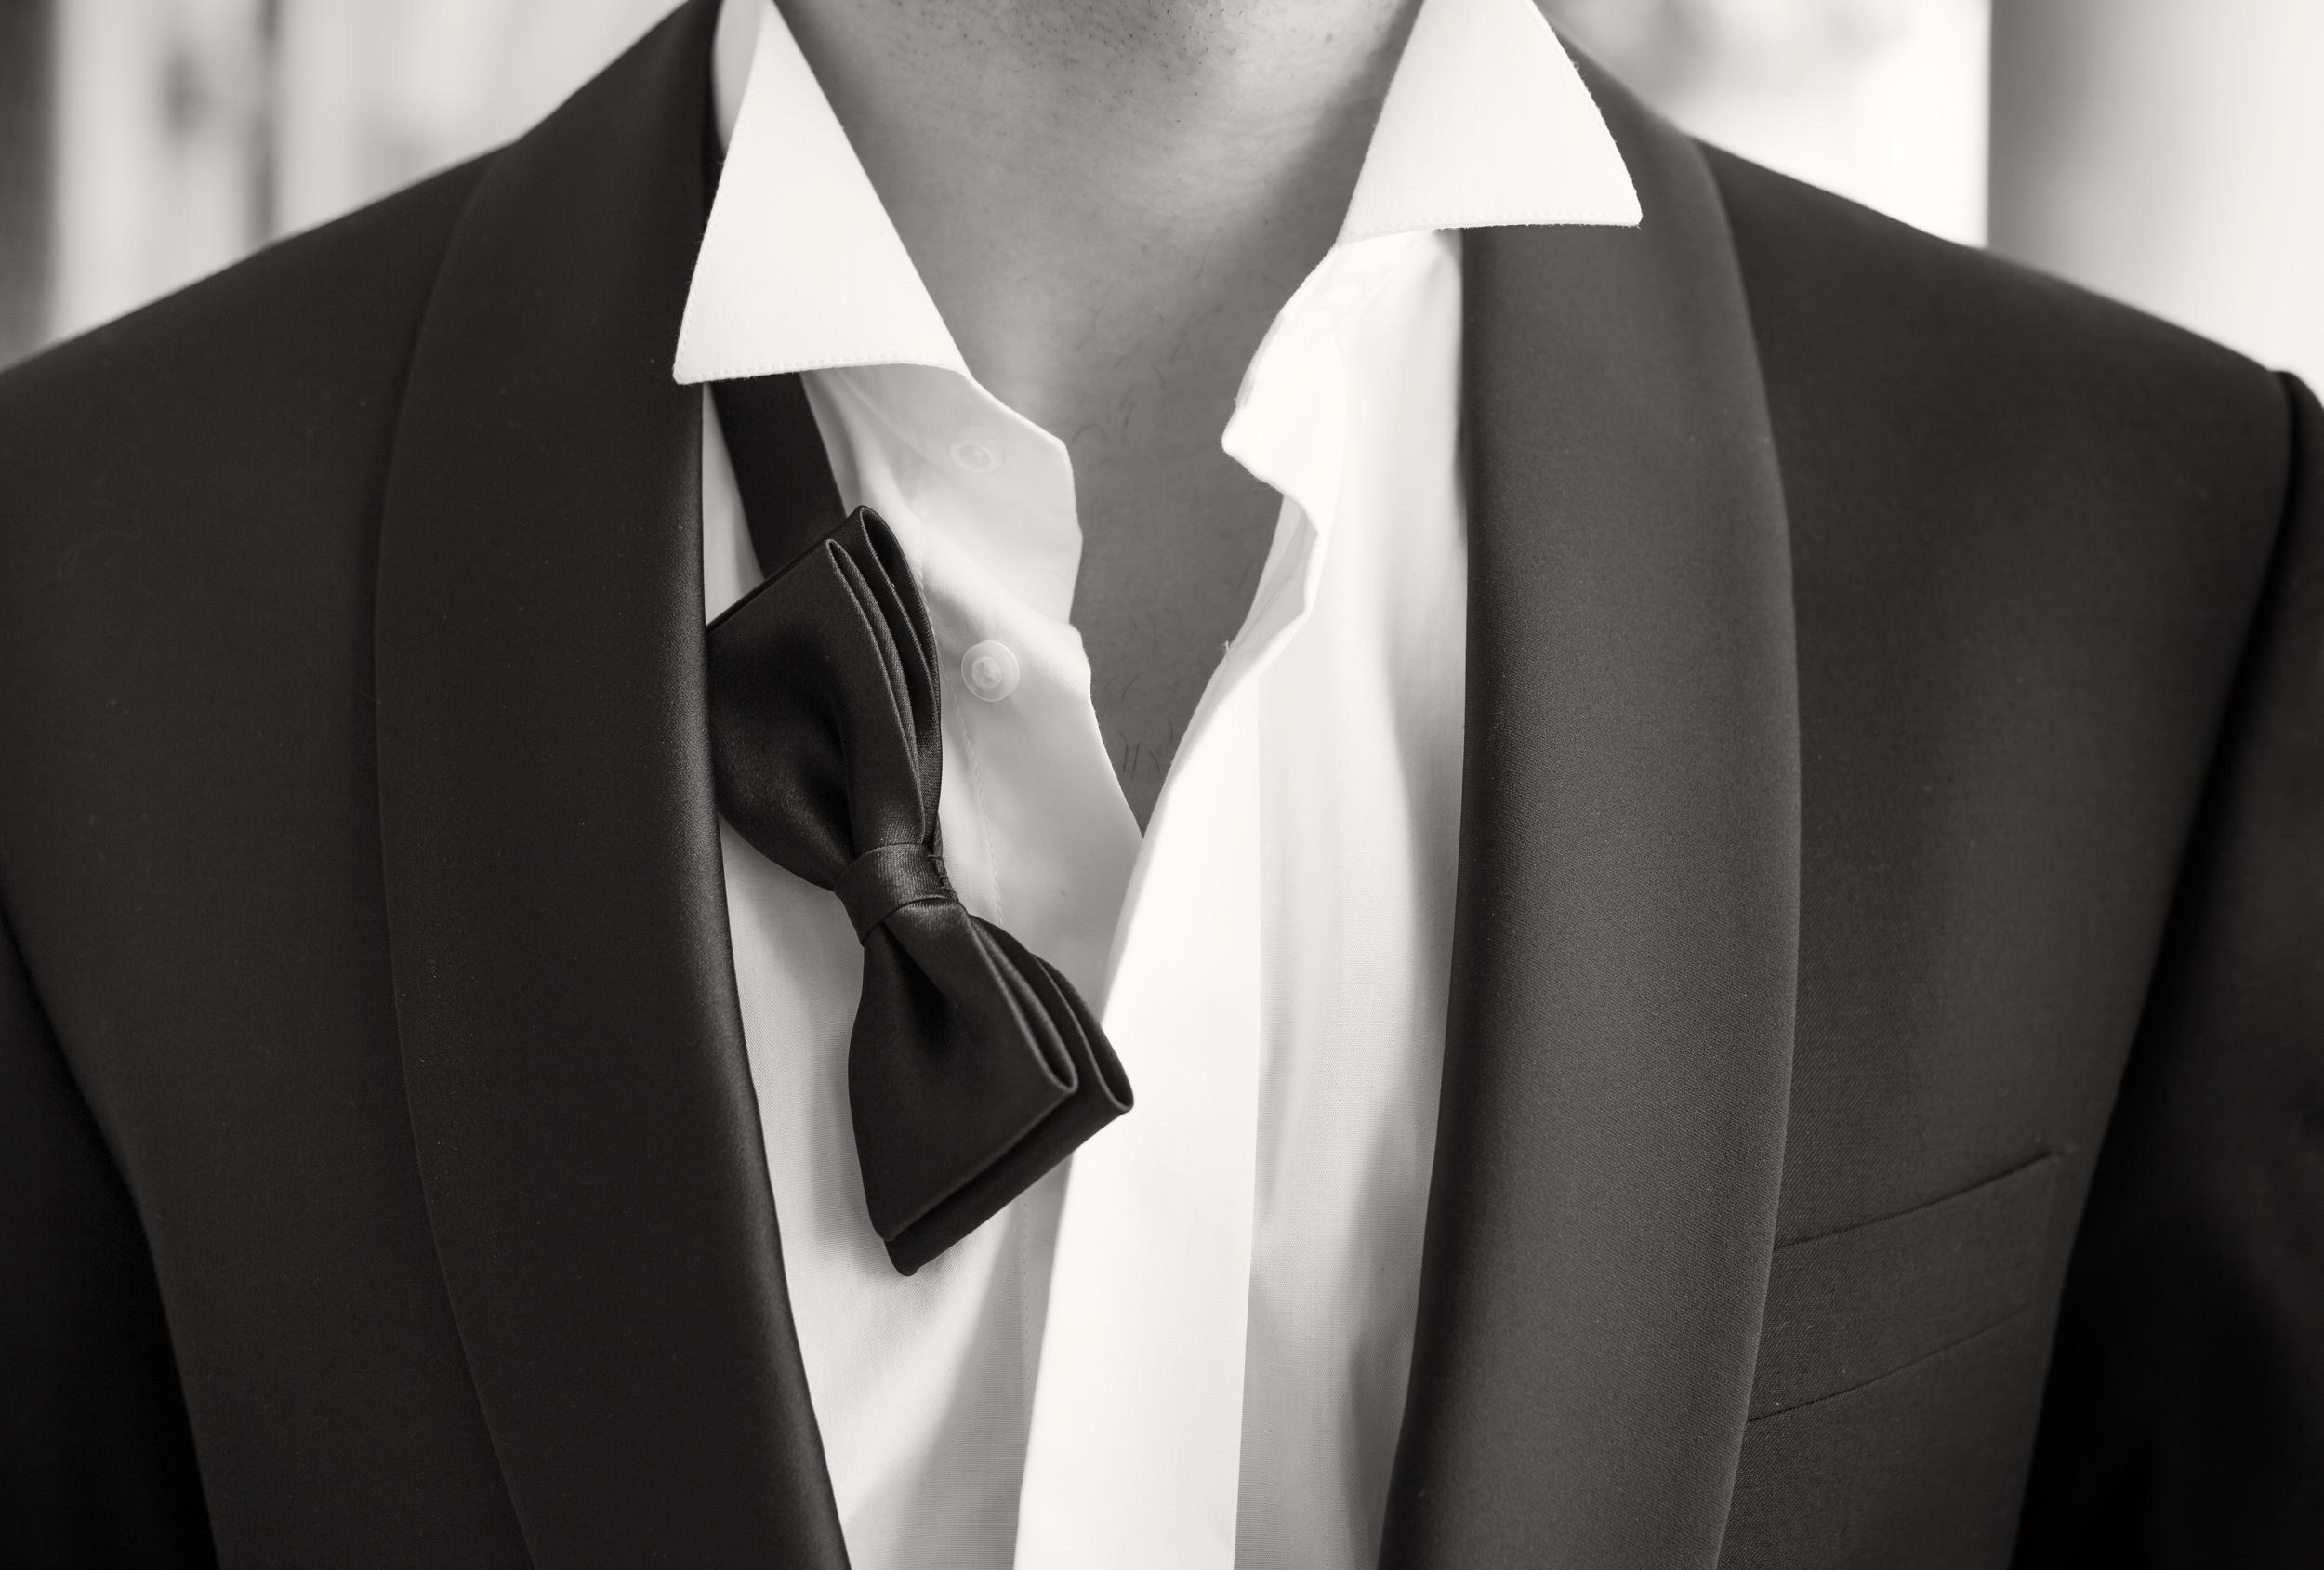 Tuxedo-w-Tie